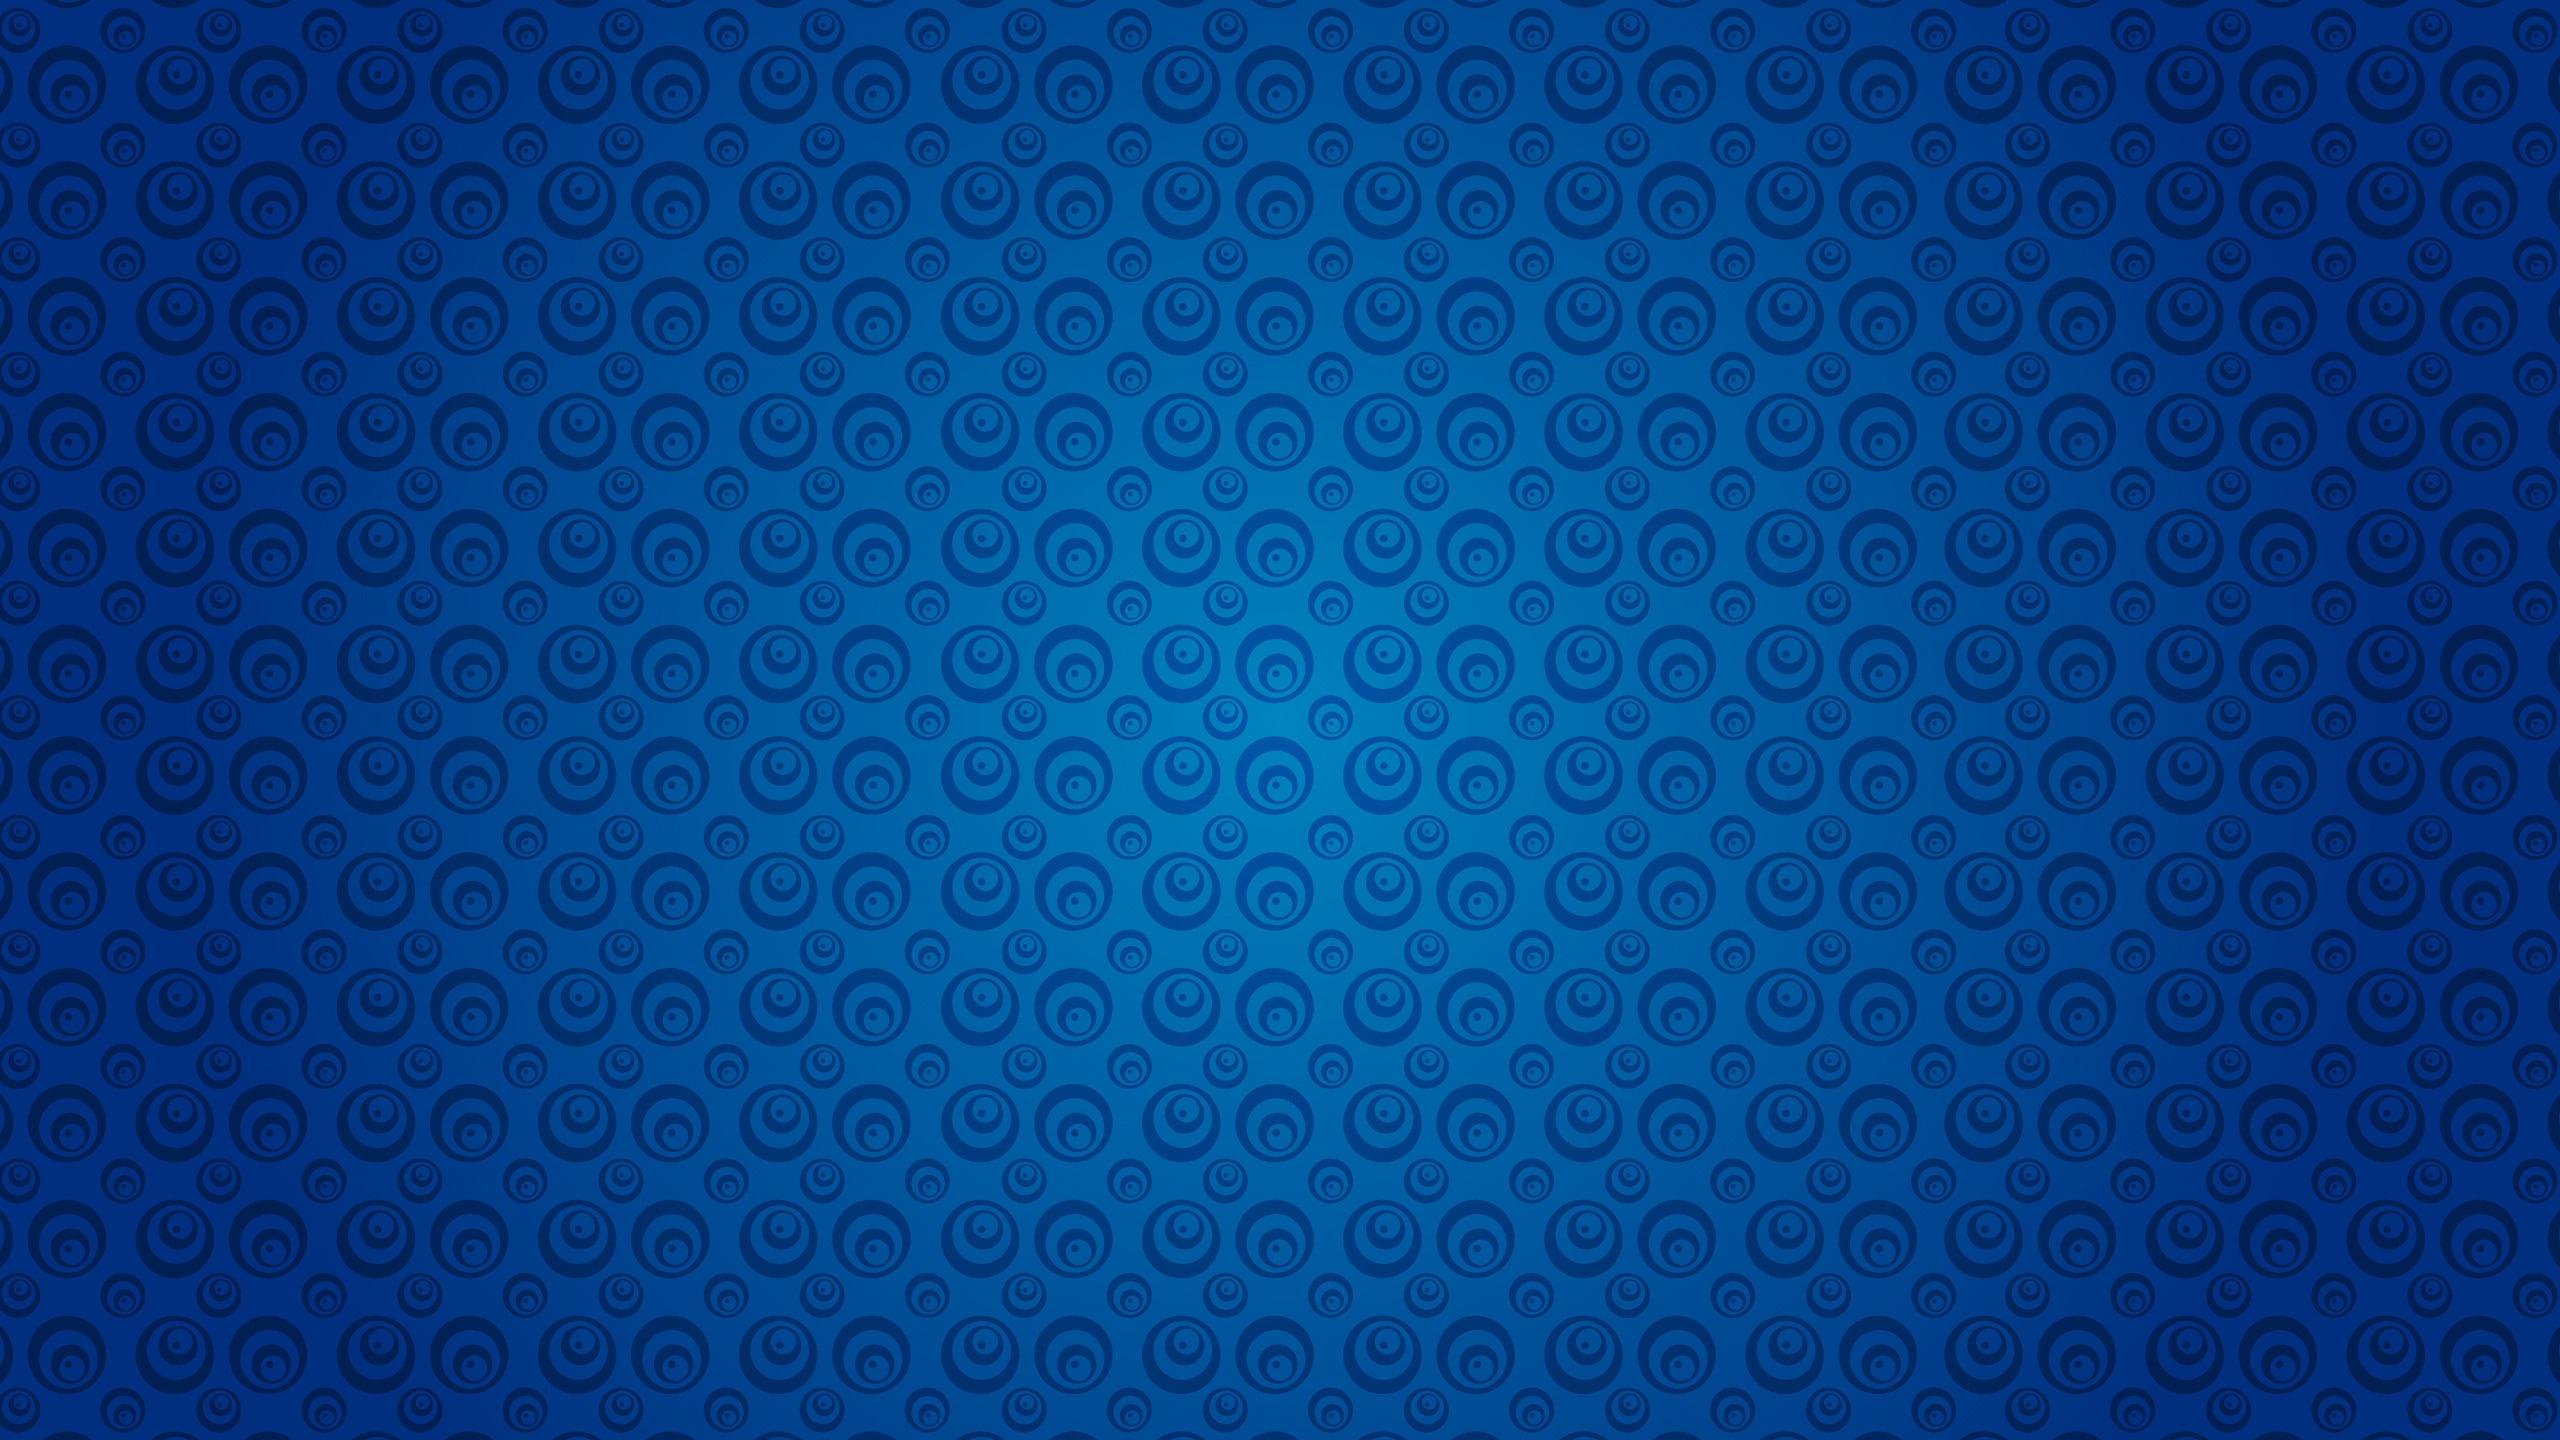 Banner Background Design   1652947 2560x1440